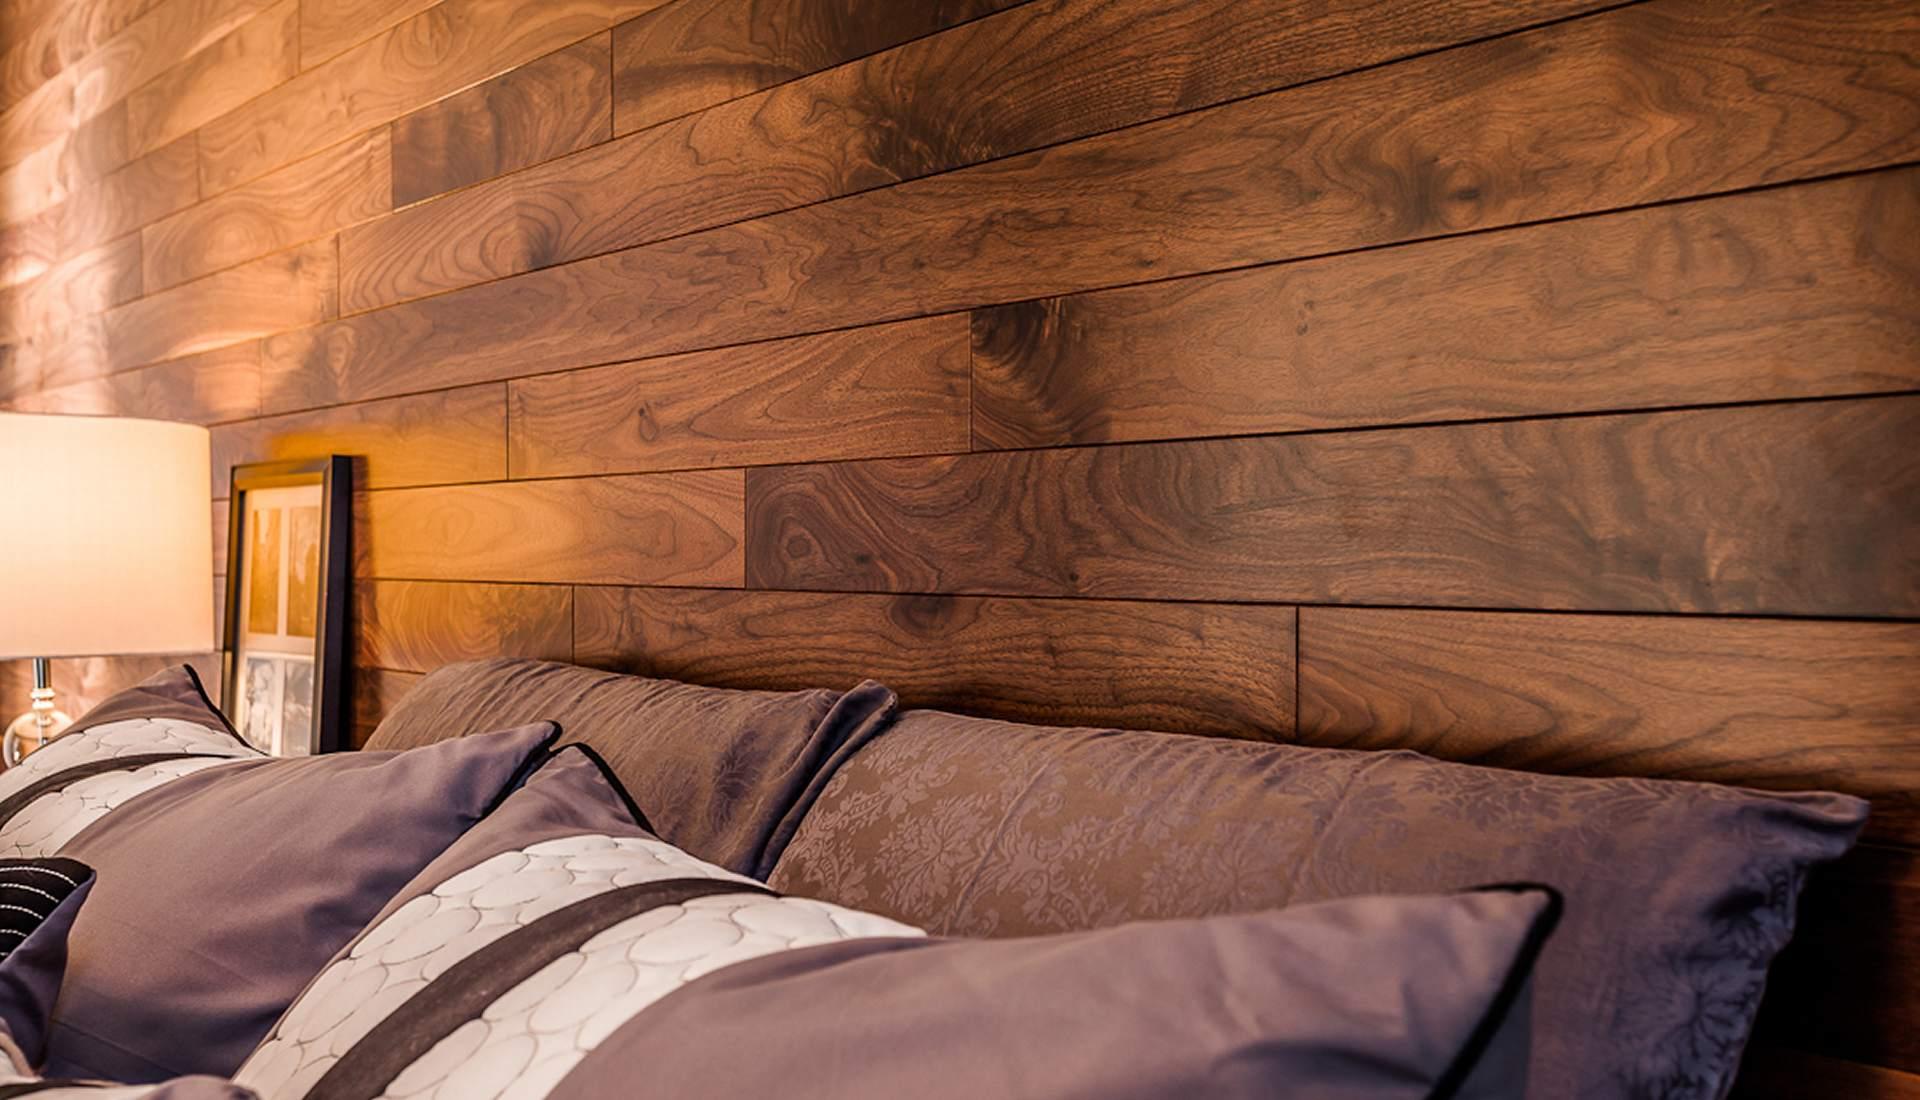 Revetement bois interieur les derni res for Revetement mural bois interieur